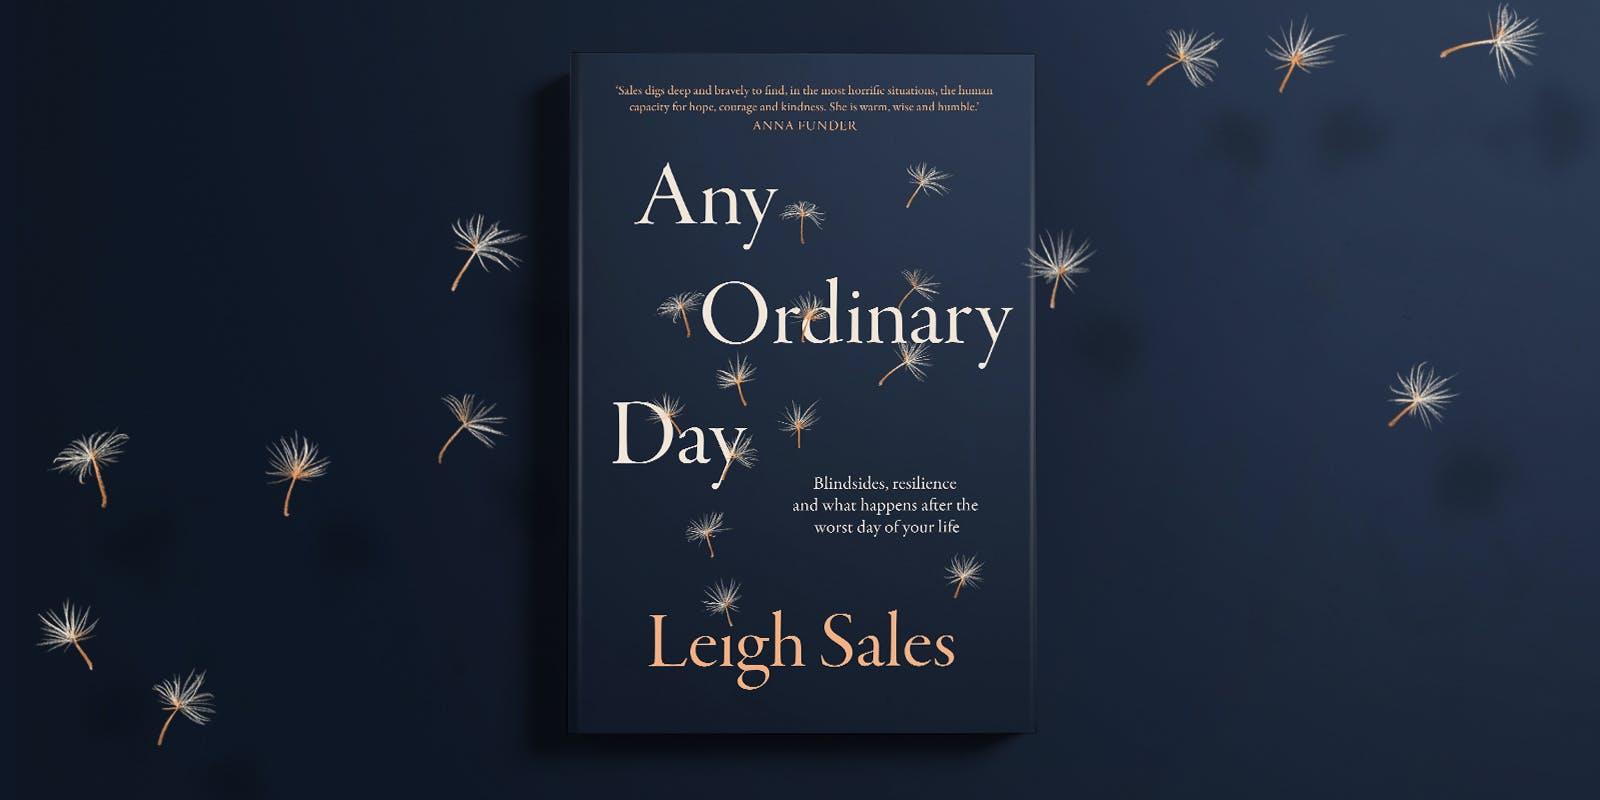 Leigh Sales Q&A